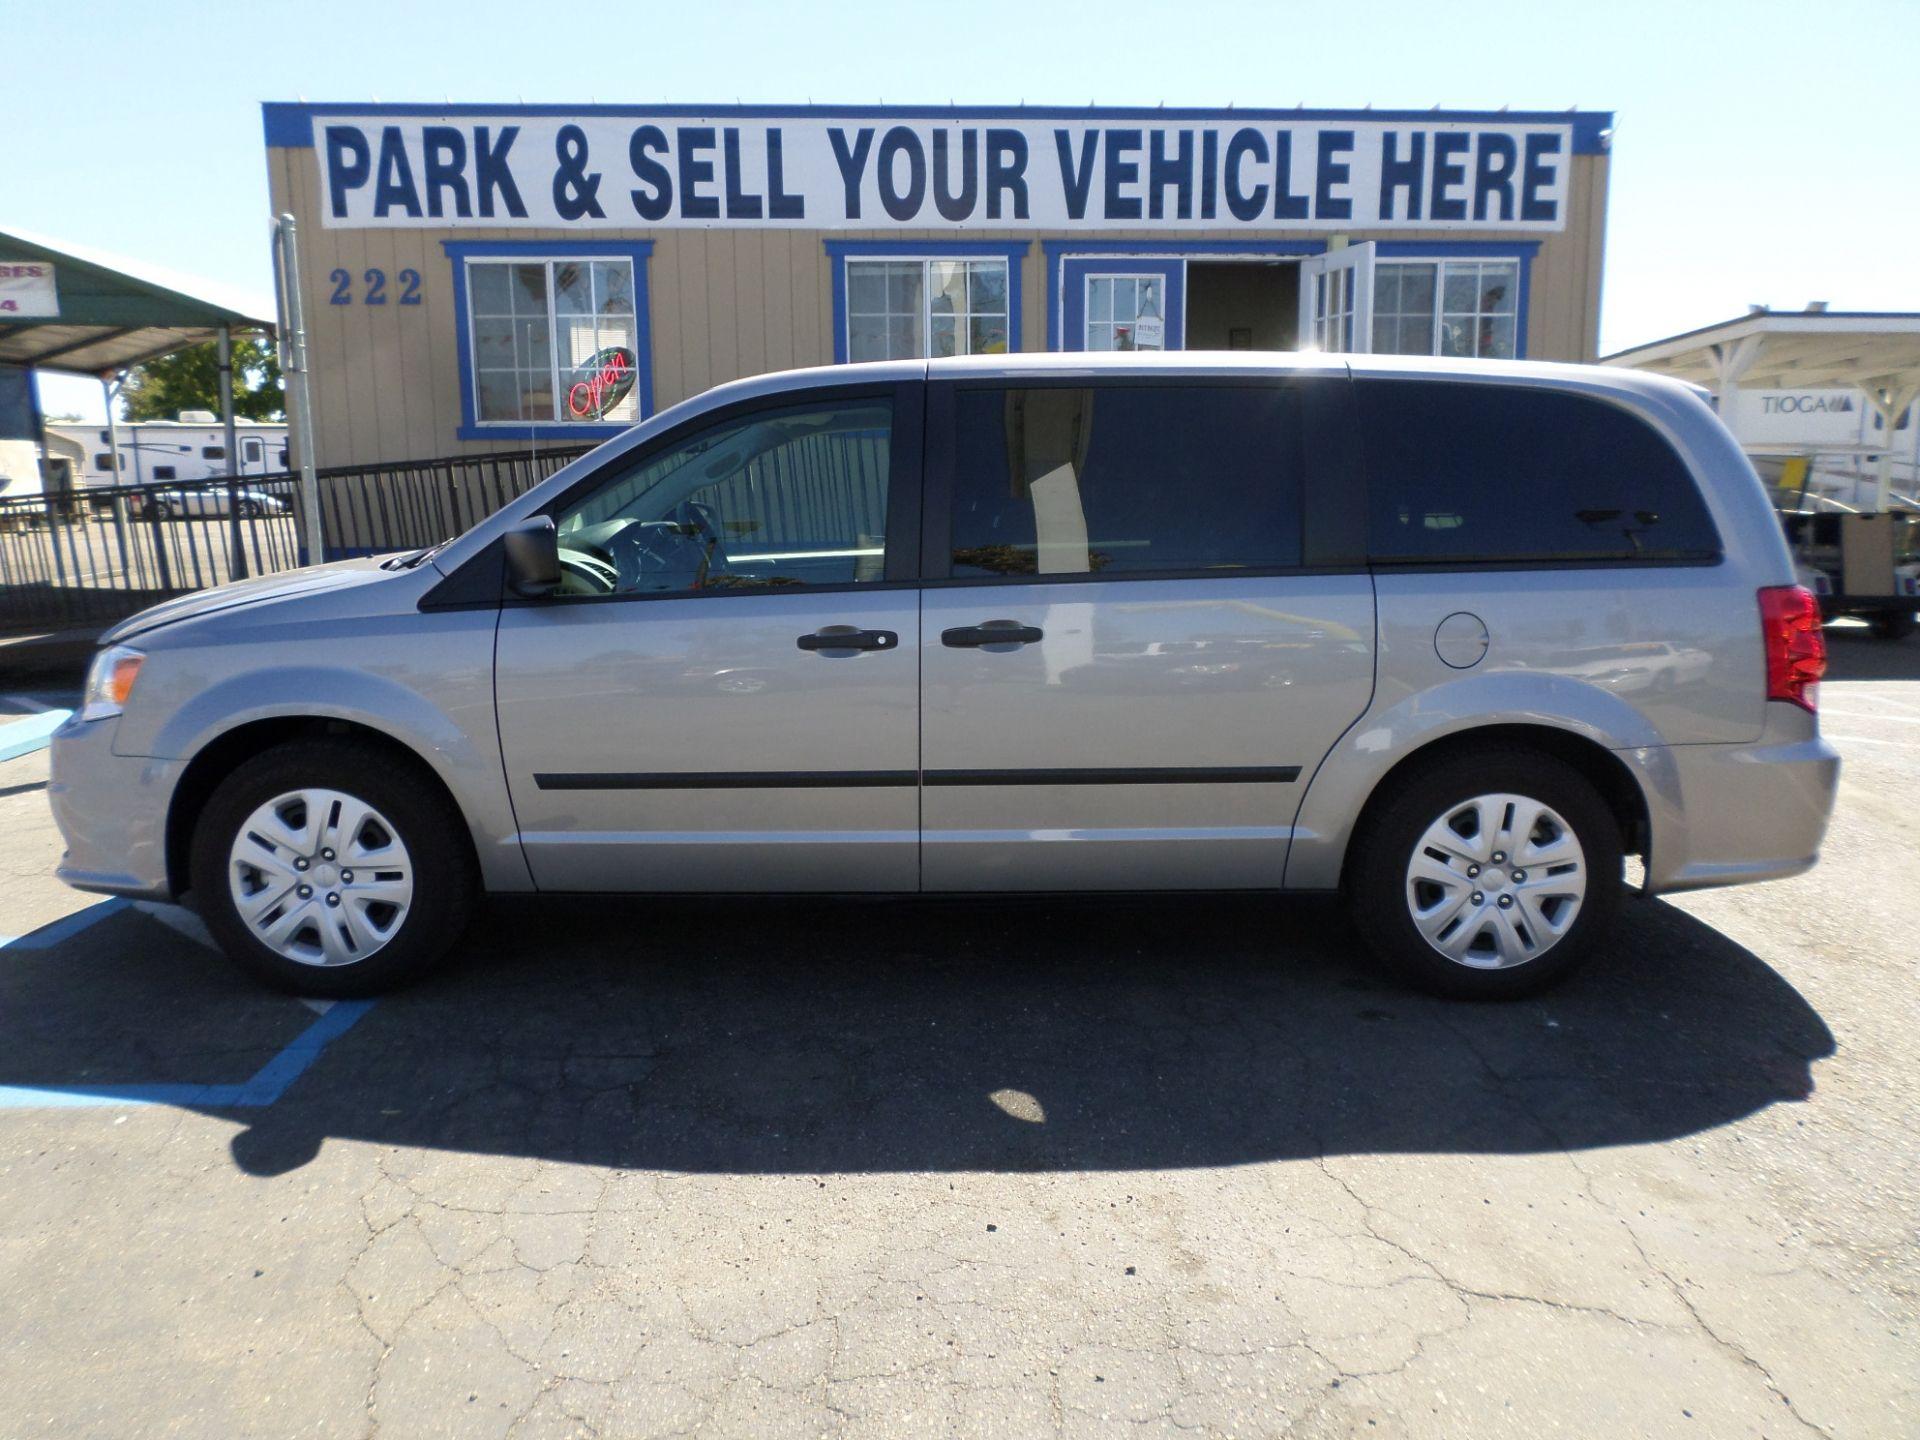 Van For Sale 2015 Dodge Grand Caravan W Lift In Lodi Stockton Ca 2015 Dodge Grand Caravan Grand Caravan Electric Scooter For Kids